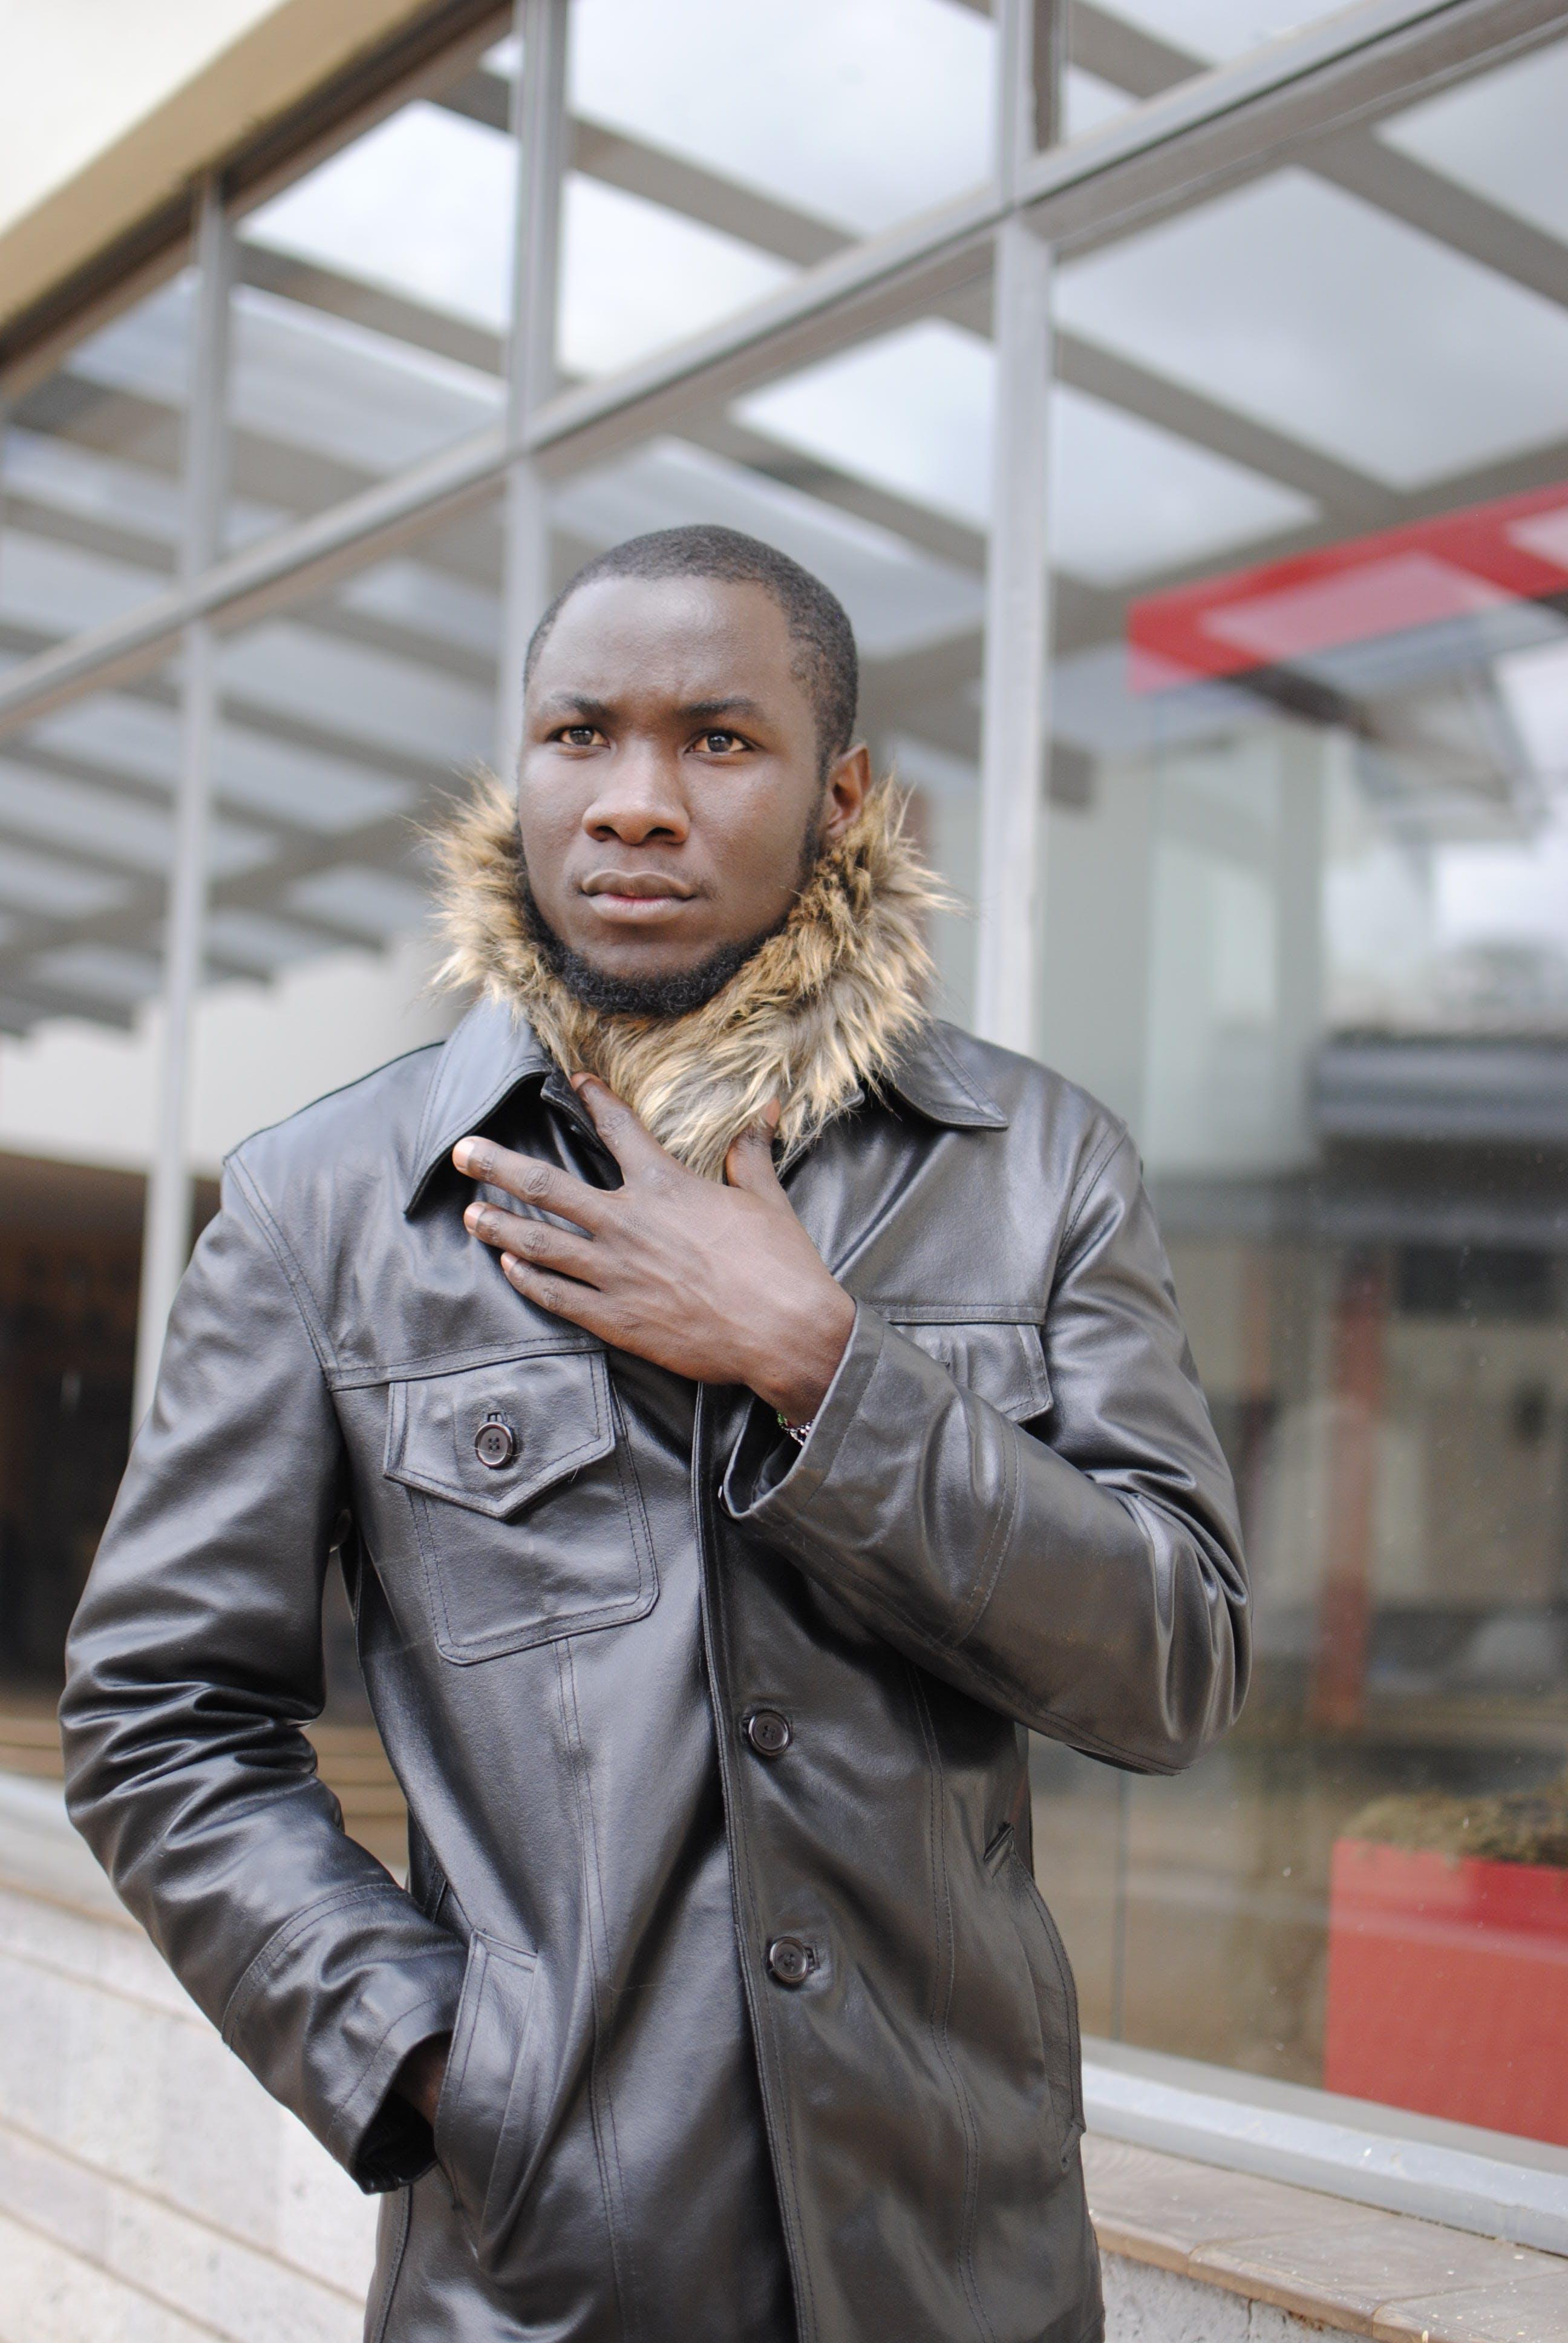 Photo of Guy Wearing Leather Jacket